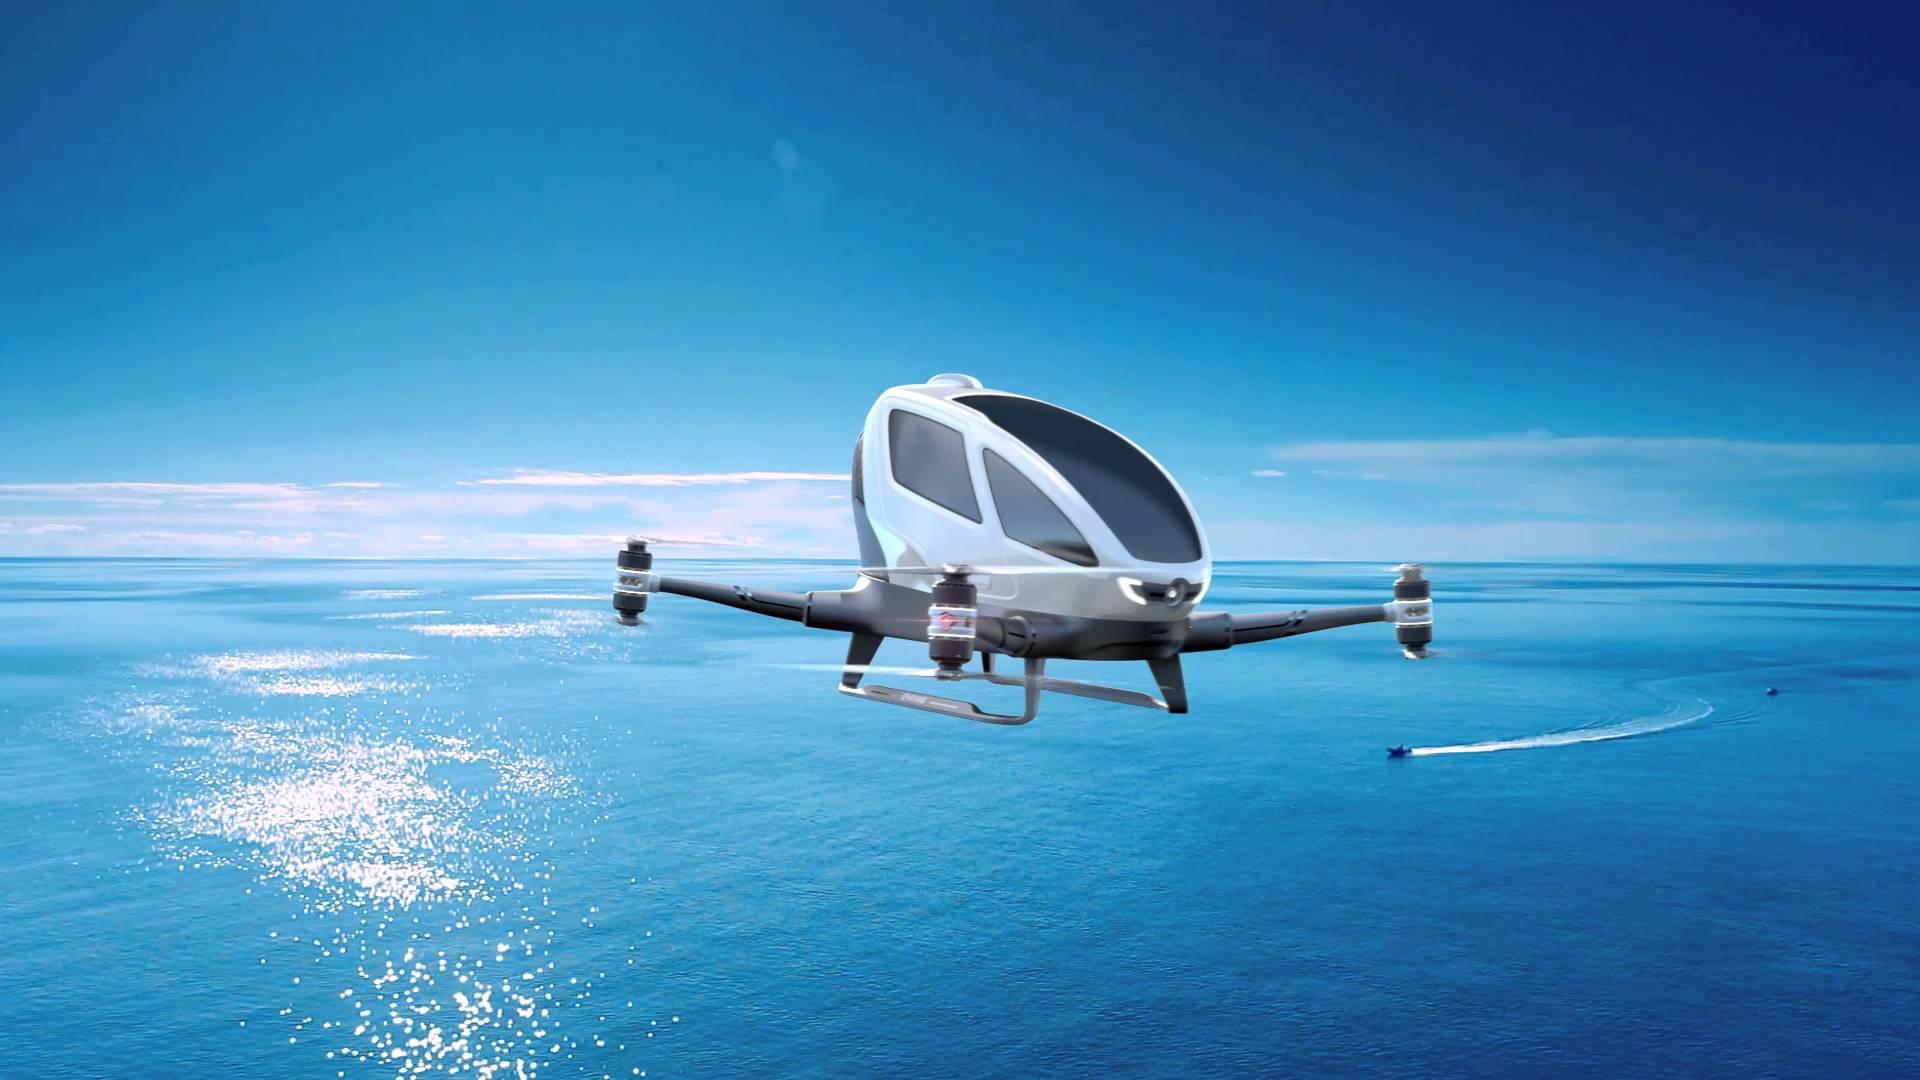 Cinq preuves que le transport             de 2030 est un drone sans pilote